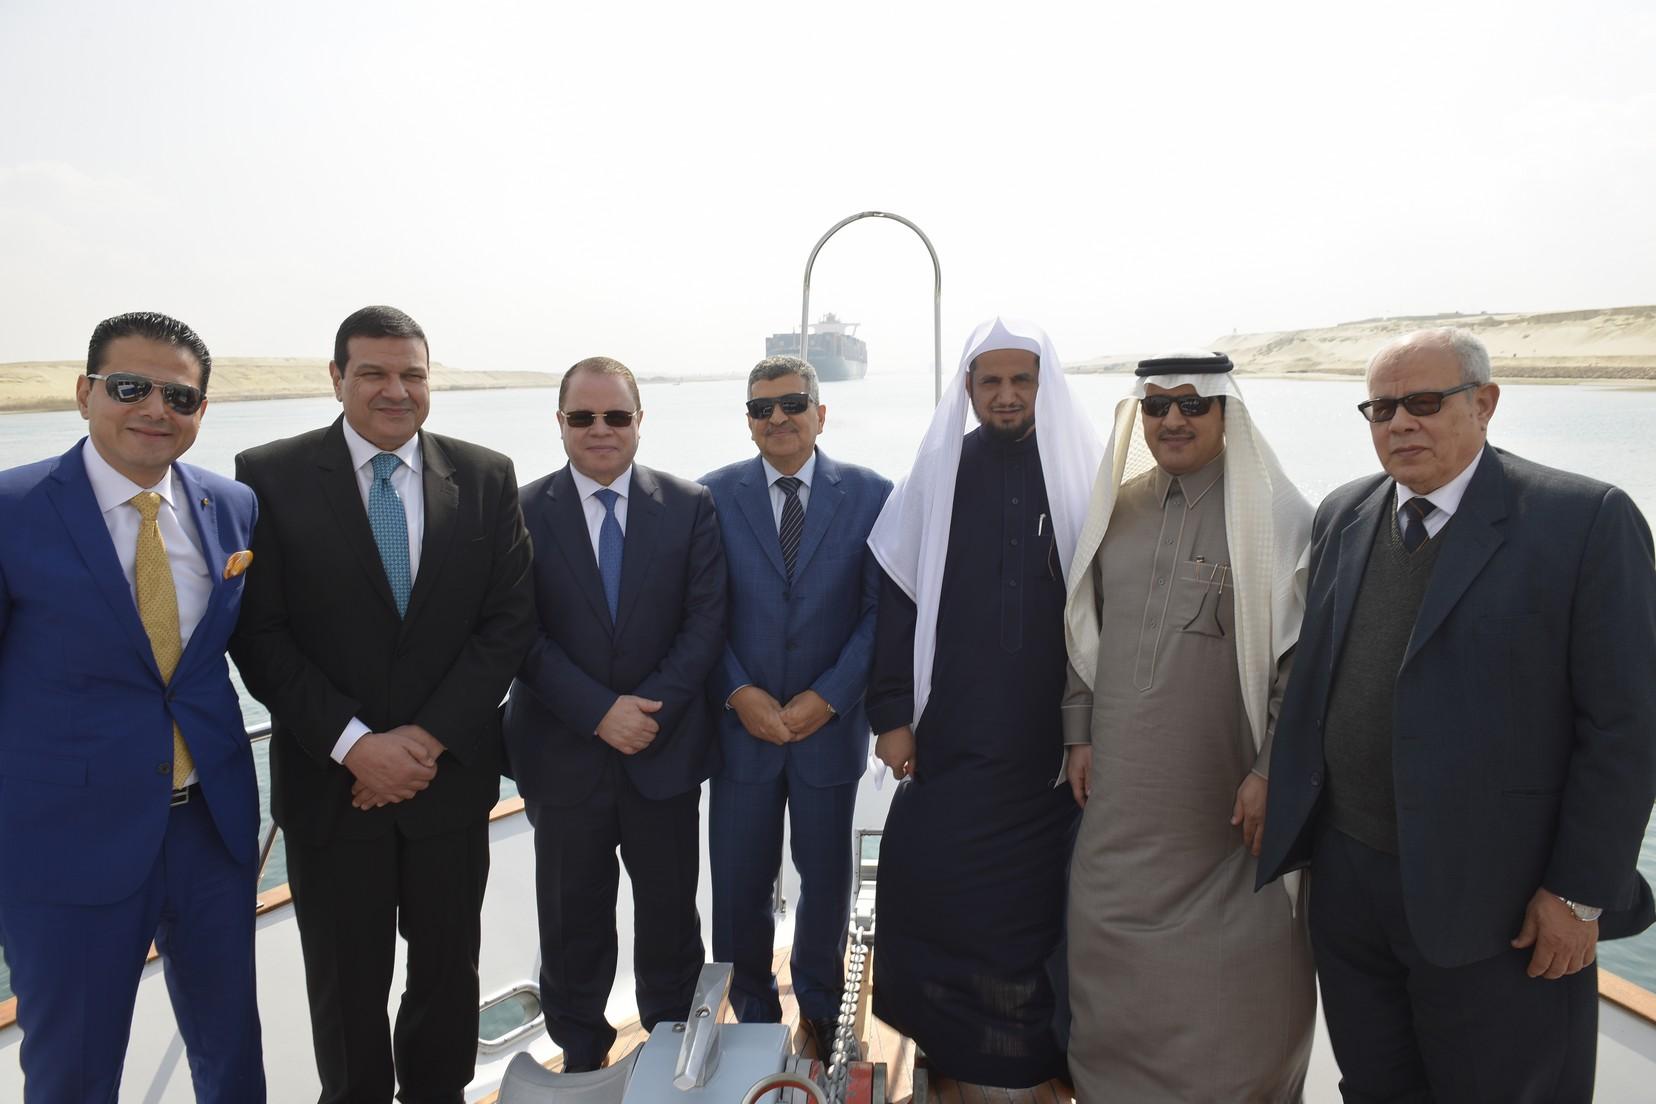 الفريق أسامة ربيع يستقبل النائب العام المصرى والسعودي (1)